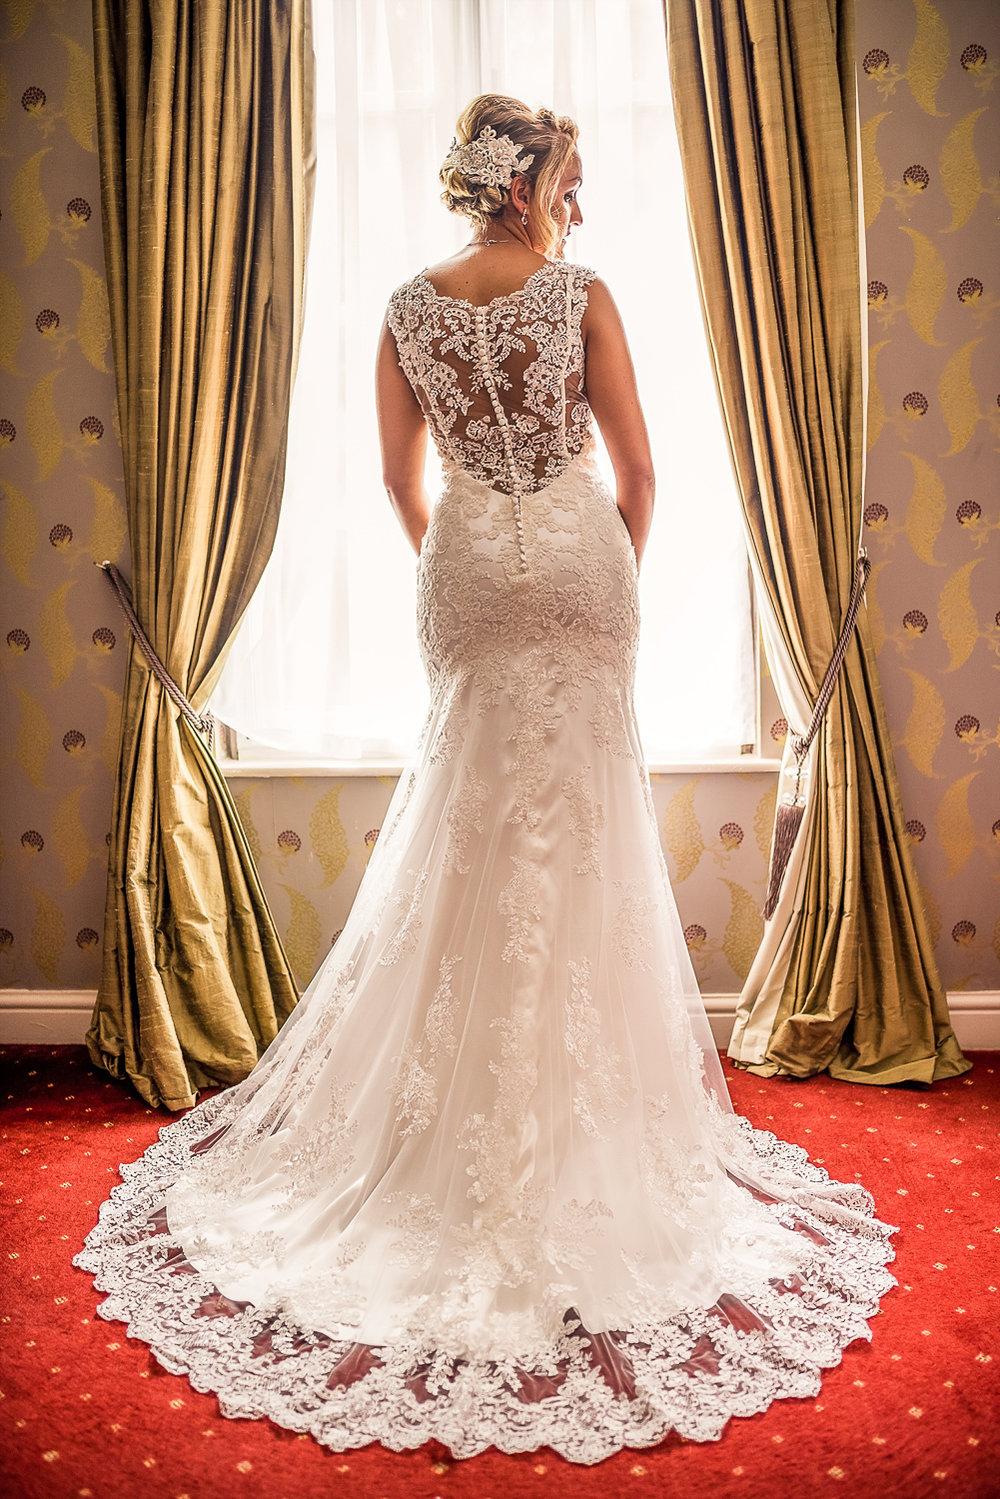 bride stunning wedding portrait